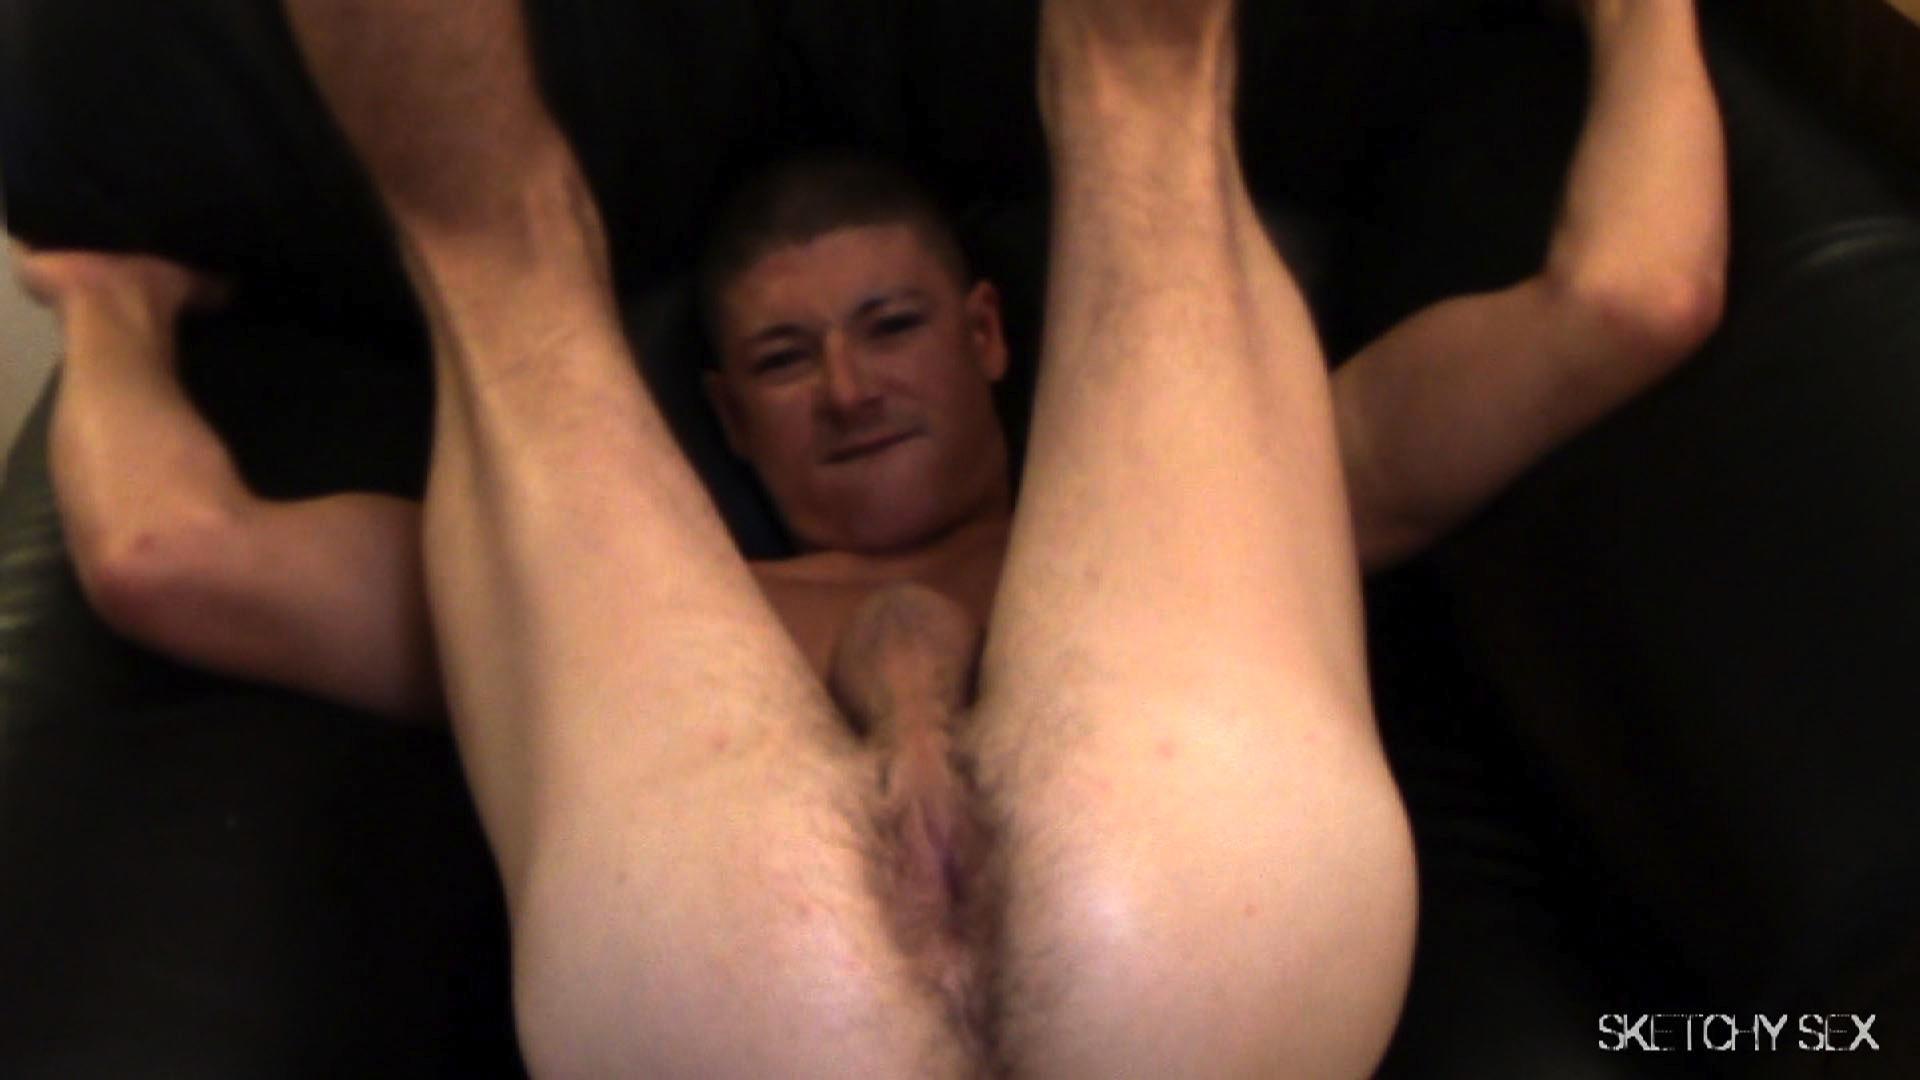 Sketchy sex gay porn trent ferris